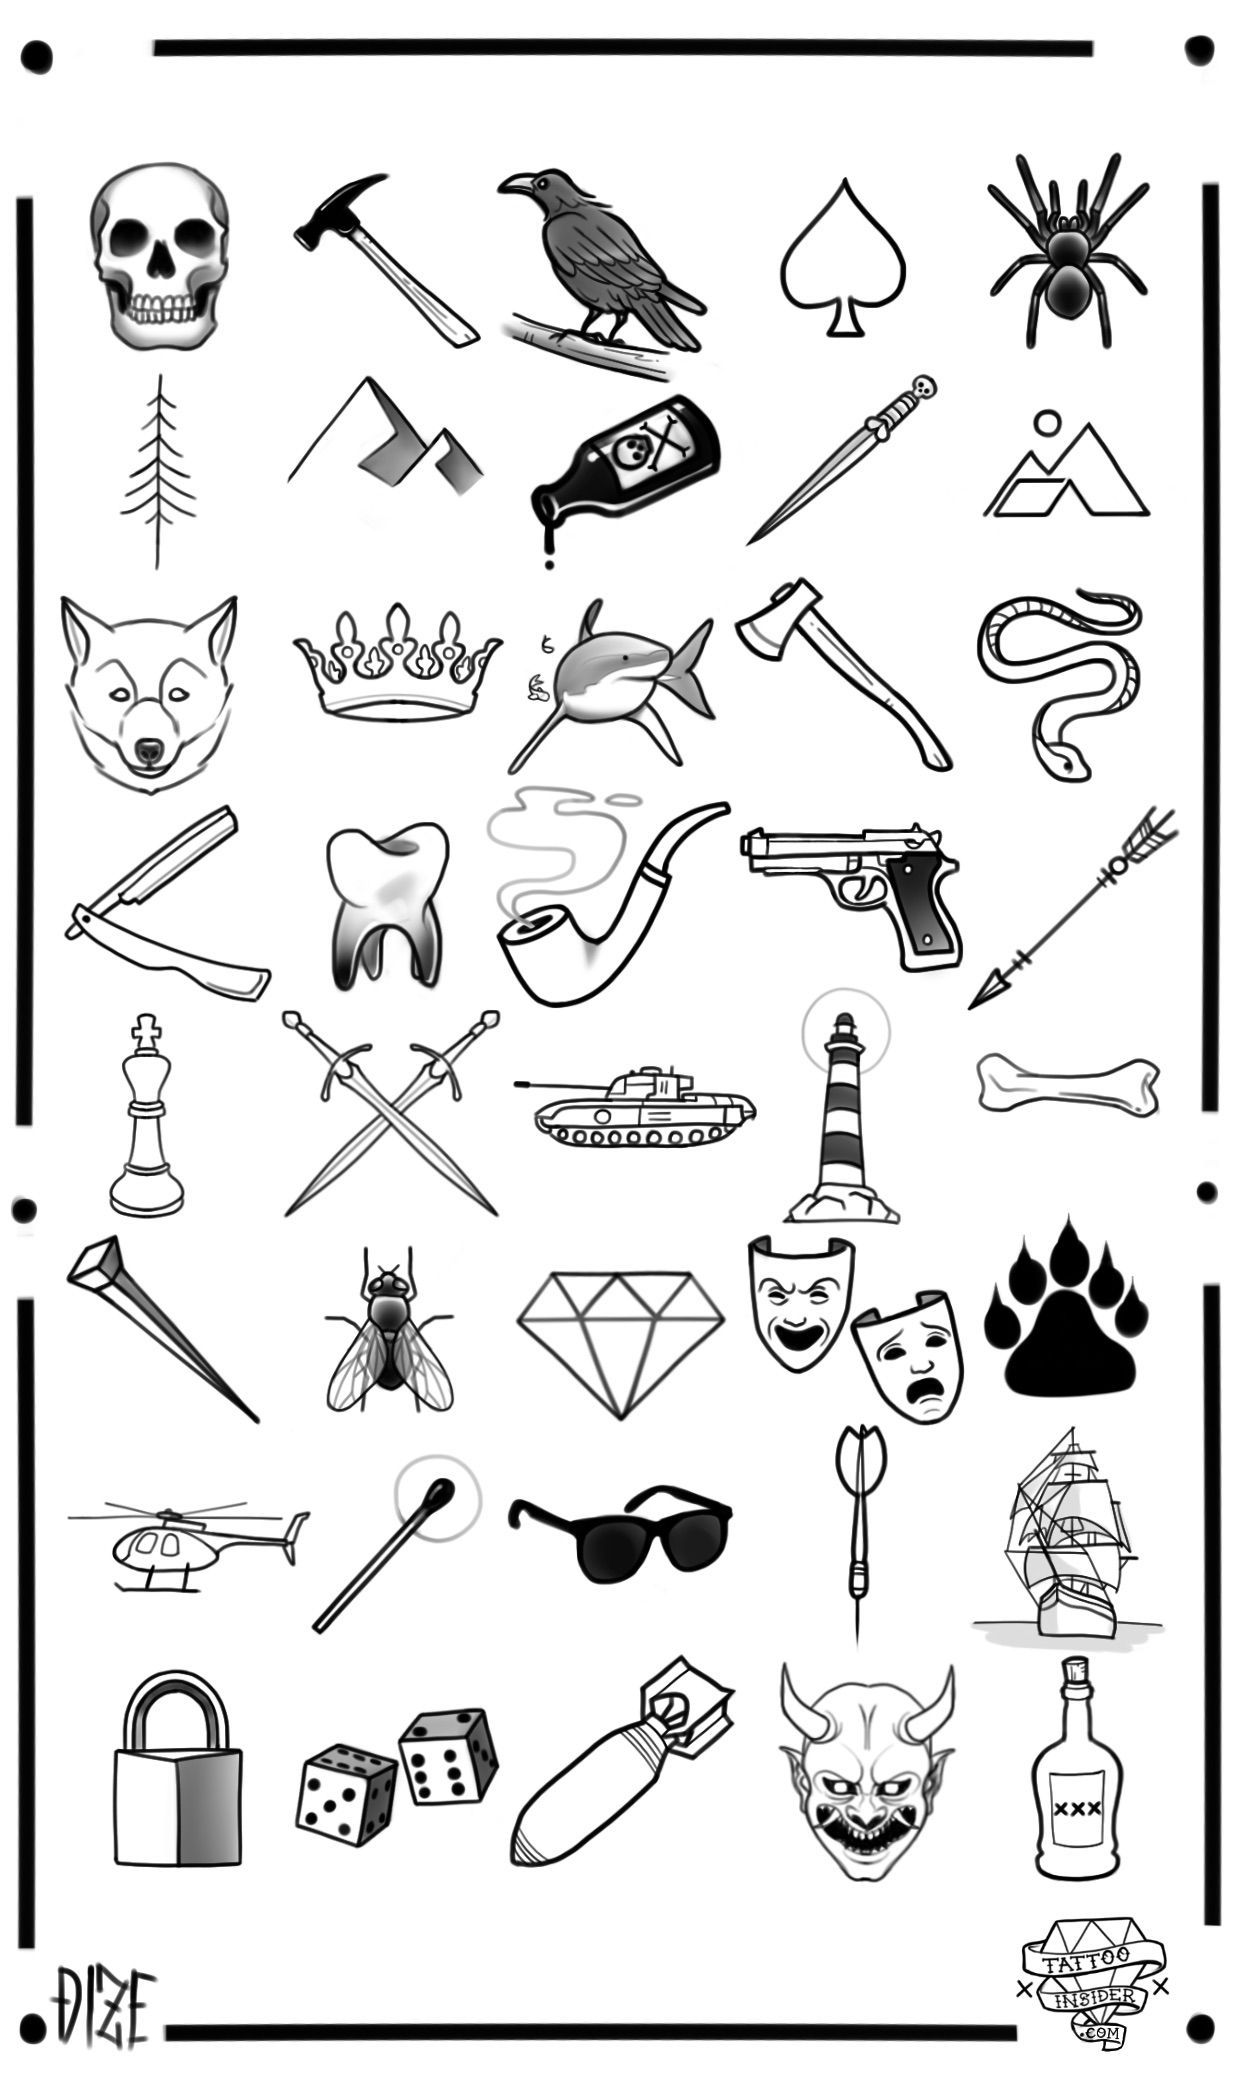 40 Small Tattoo Ideas For Men Tattoosformen Small Tattoos For Guys Cool Small Tattoos Beautiful Small Tattoos